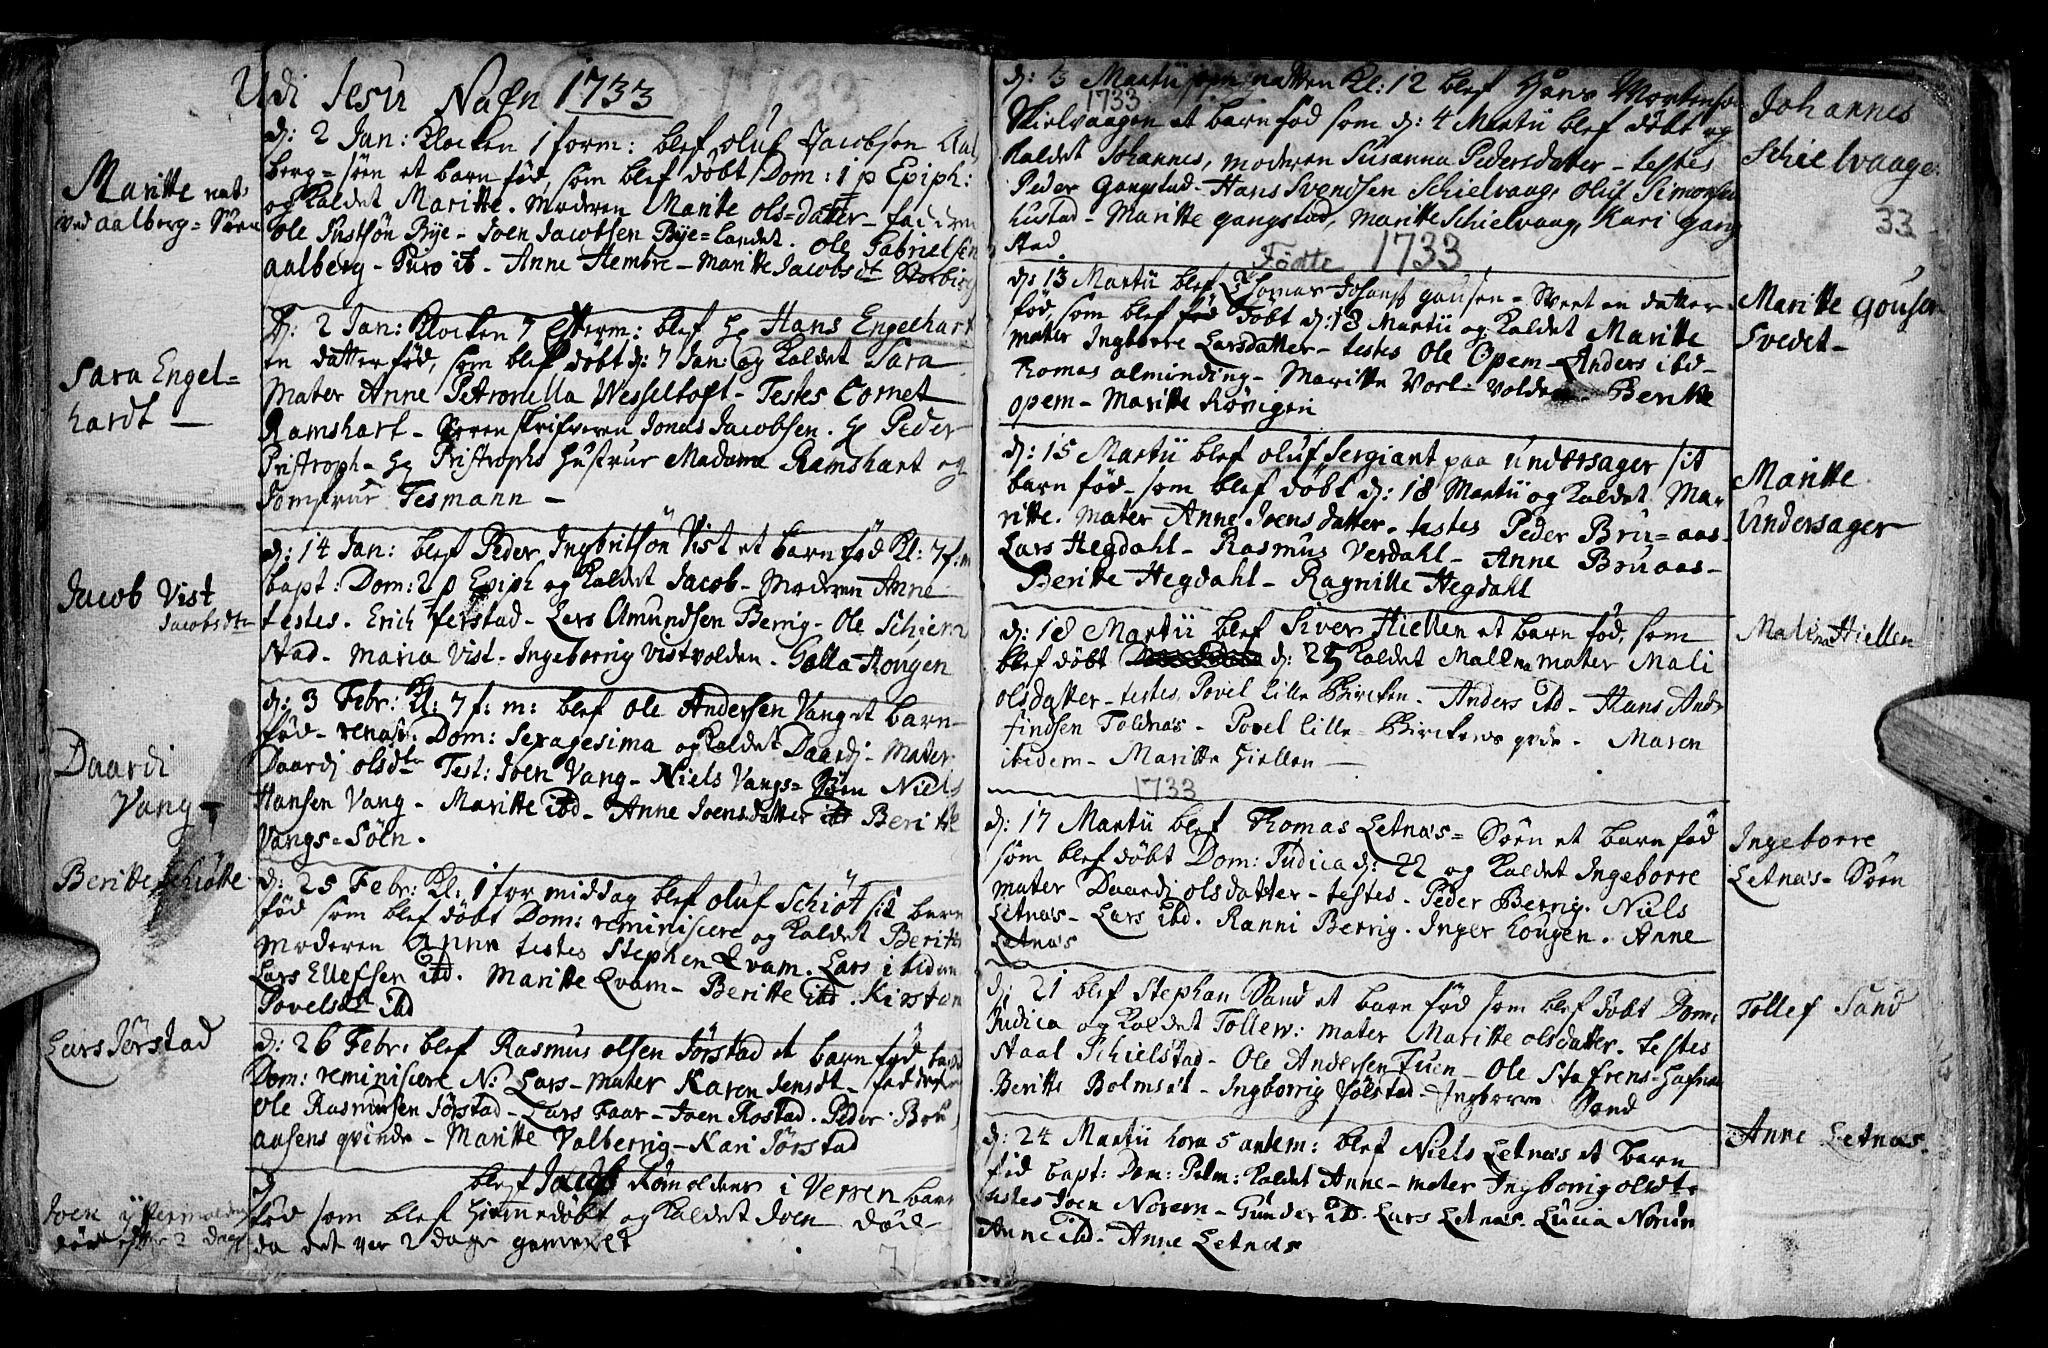 SAT, Ministerialprotokoller, klokkerbøker og fødselsregistre - Nord-Trøndelag, 730/L0272: Ministerialbok nr. 730A01, 1733-1764, s. 33